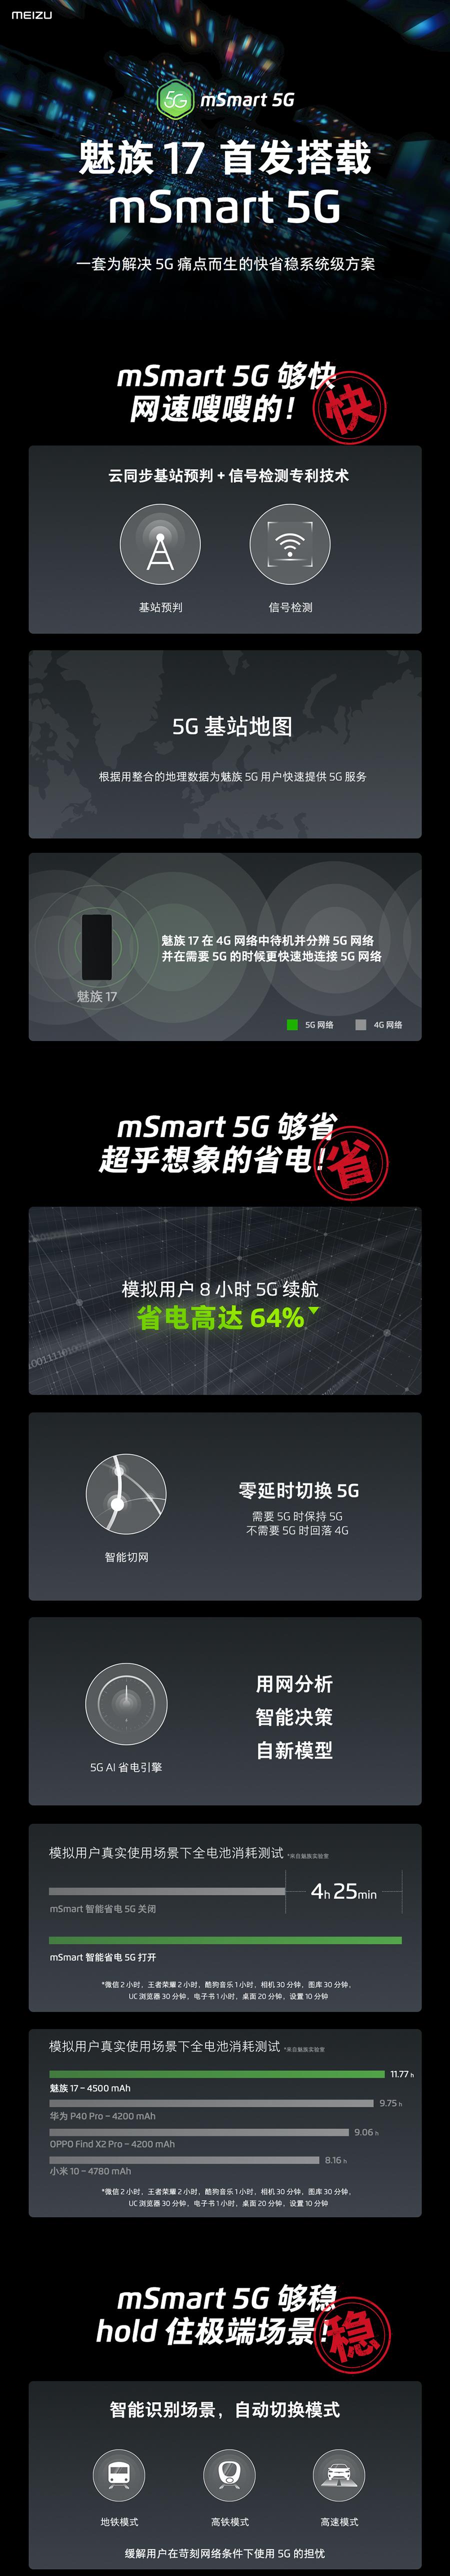 一张图看懂「魅族 17 mSmart 5G 快省稳技术分享会」